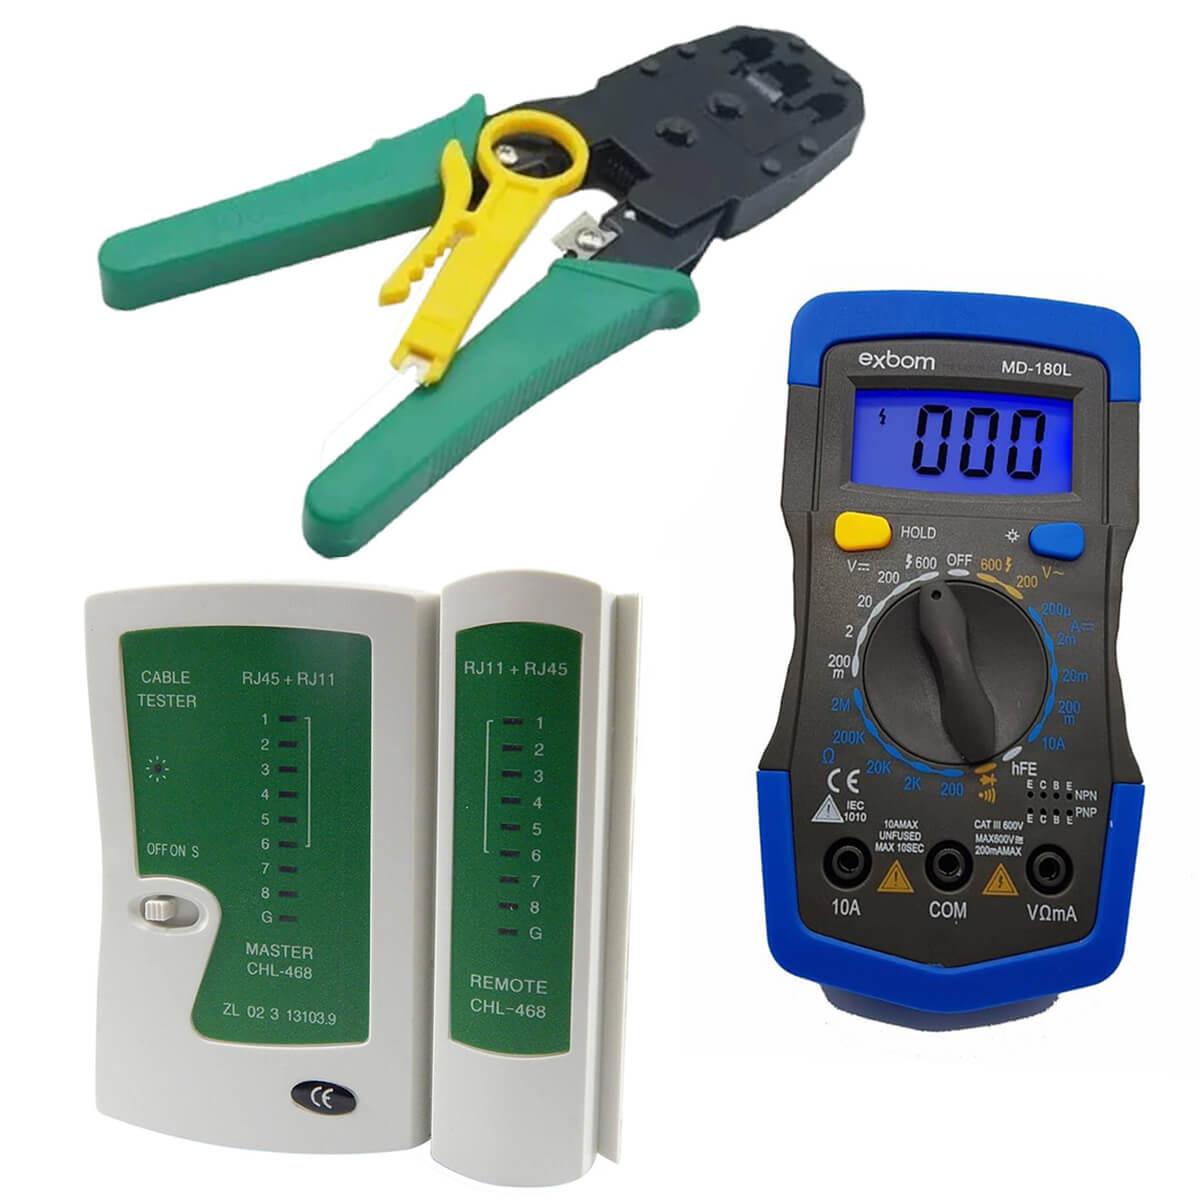 KIT Multímetro Digital MD-180L + Testador de Cabo RJ45 e RJ11 + Alicate de Crimpagem RJ45 e RJ11